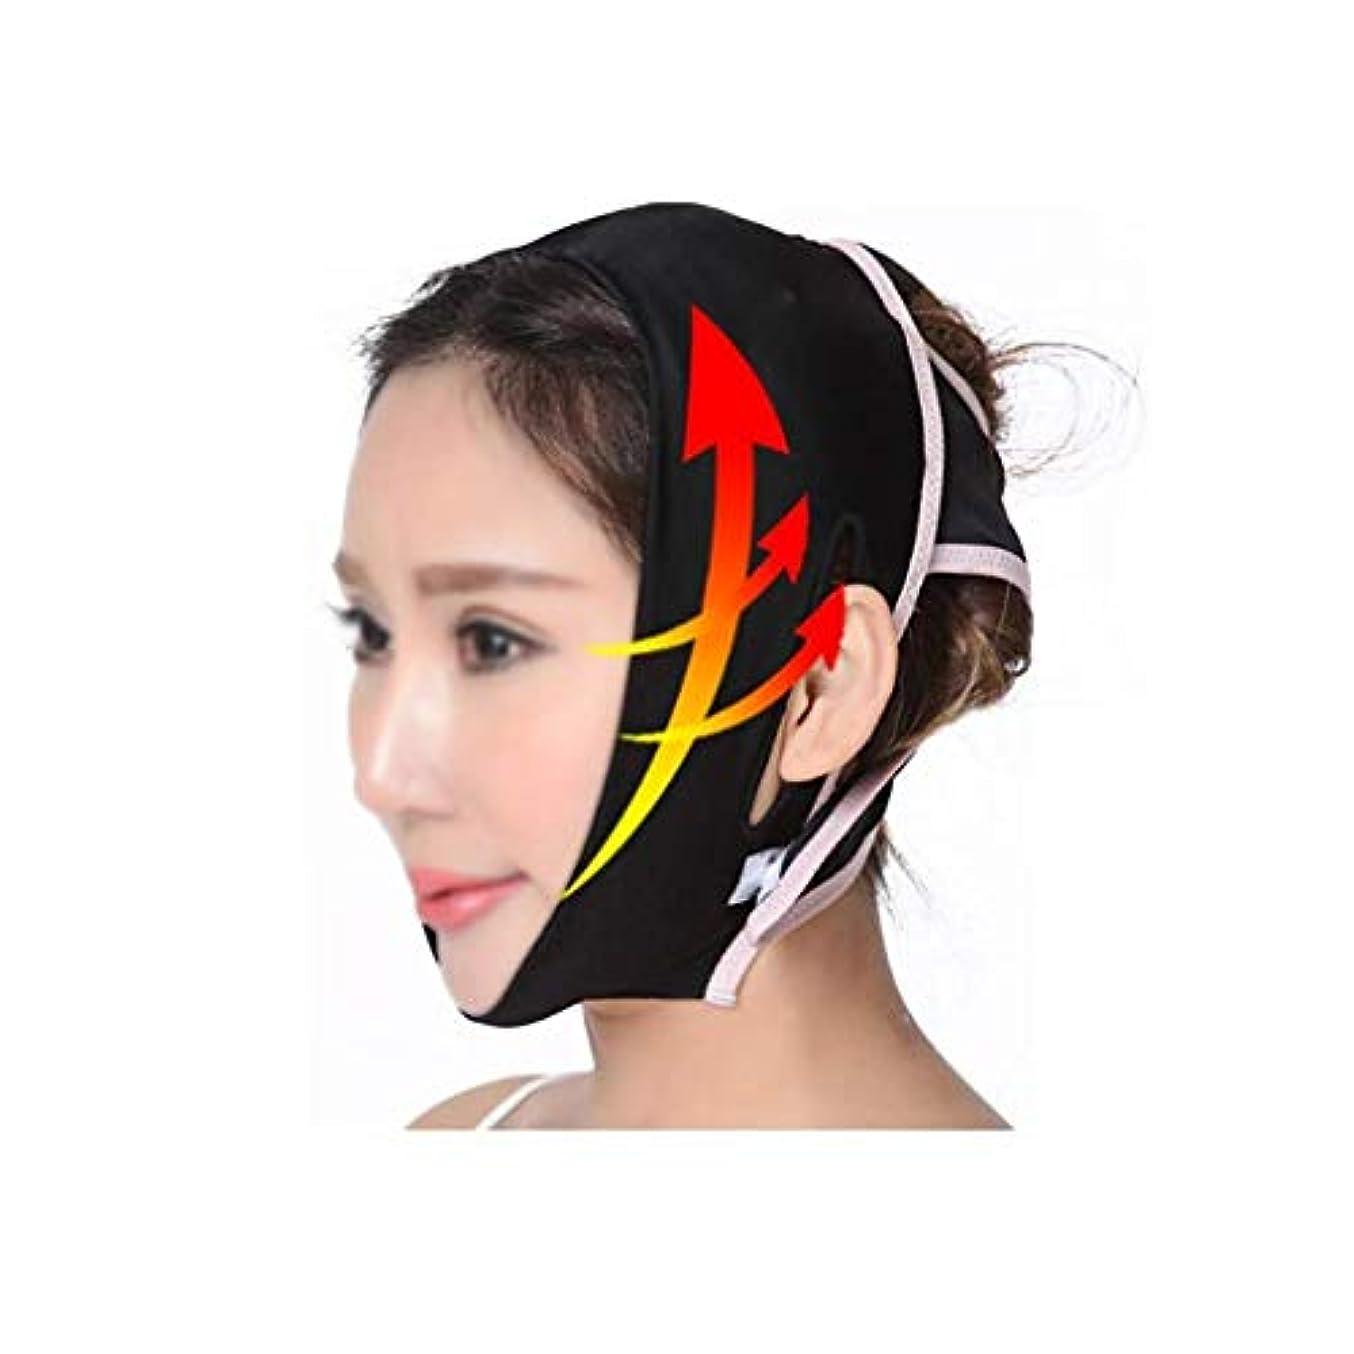 損なう怒って肘フェイスリフトマスク、フェイシャルマスク睡眠顔整形顔包帯顔リフティングV顔顔アーティファクト回復通気性ネックストラップ(サイズ:M)